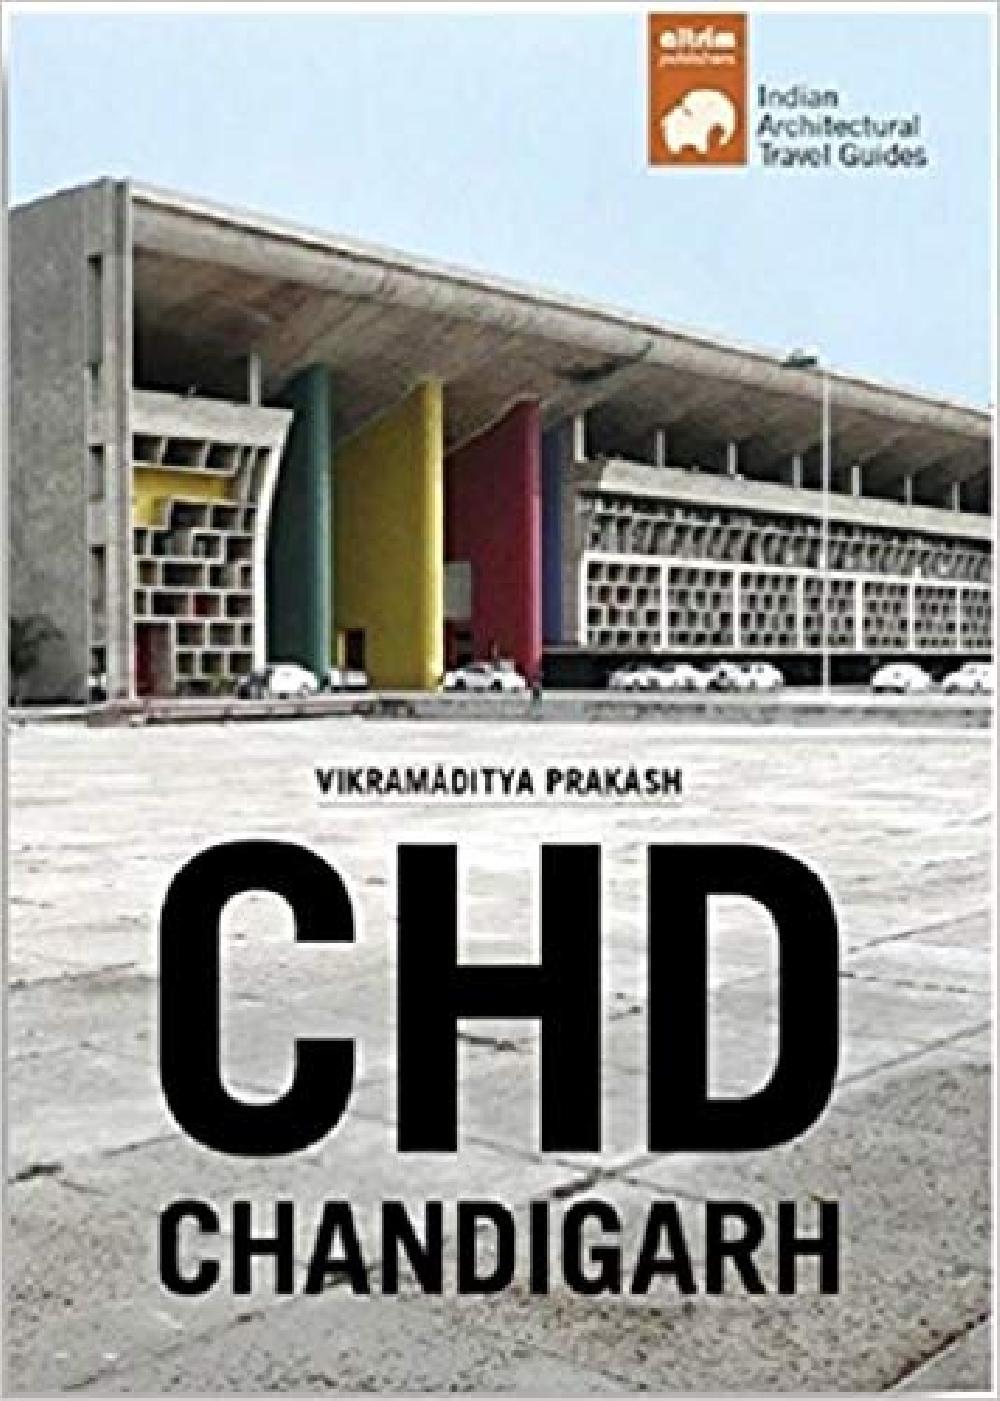 Chd Chandigarh - Architectural Travel Guide